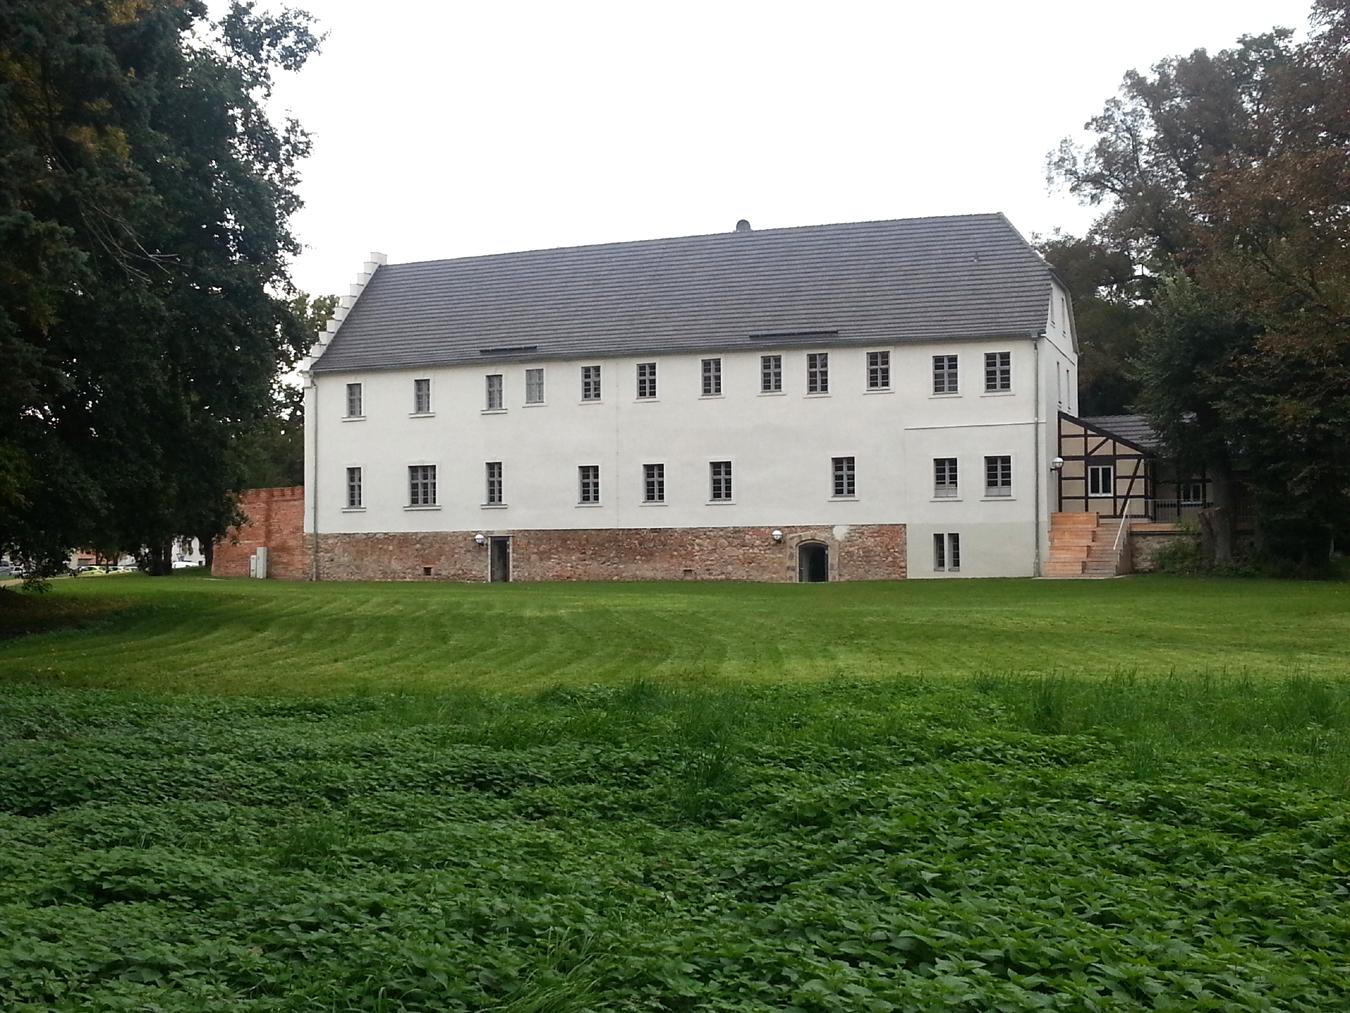 Frauenhaus6 a8